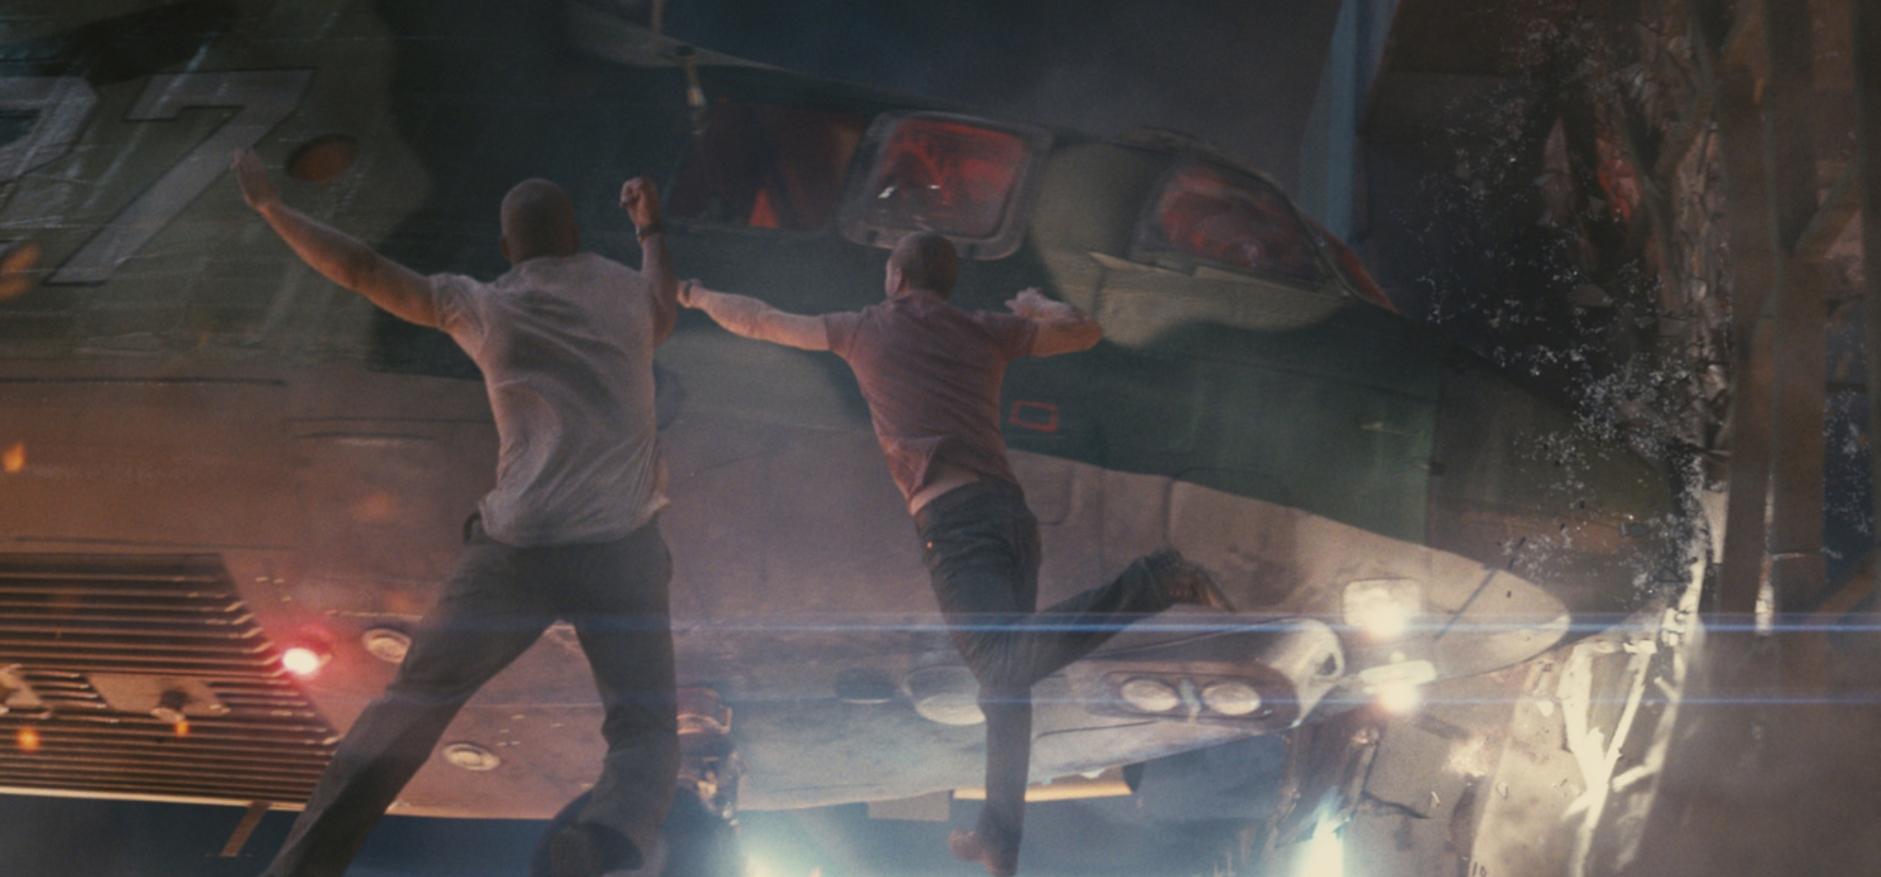 Крепкий орешек Хороший день, чтобы умереть (A Good Day to Die Hard) 2013 крушение вертолета